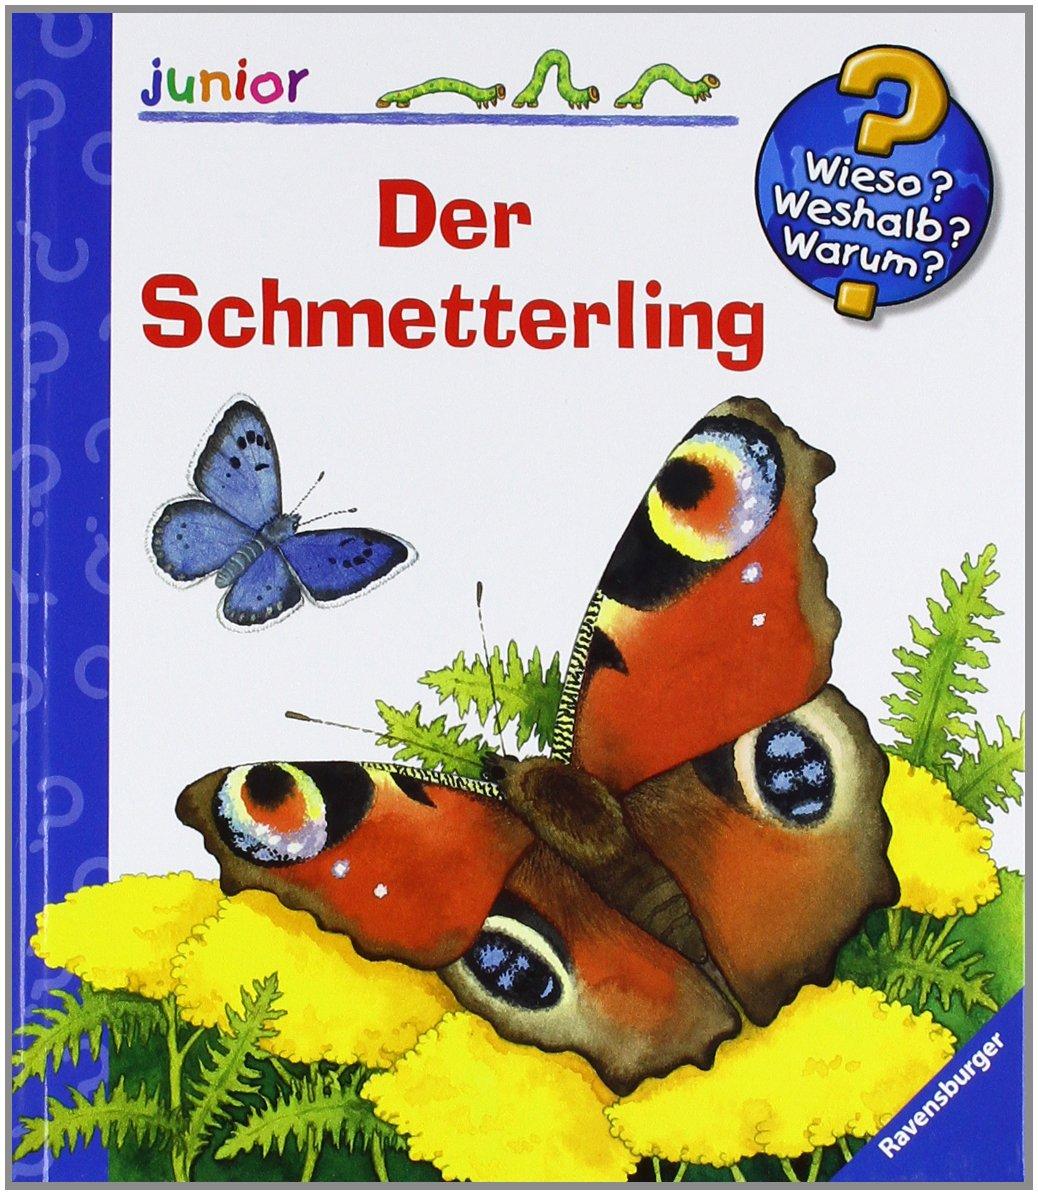 Der Schmetterling (Wieso? Weshalb? Warum? junior, Band 23)